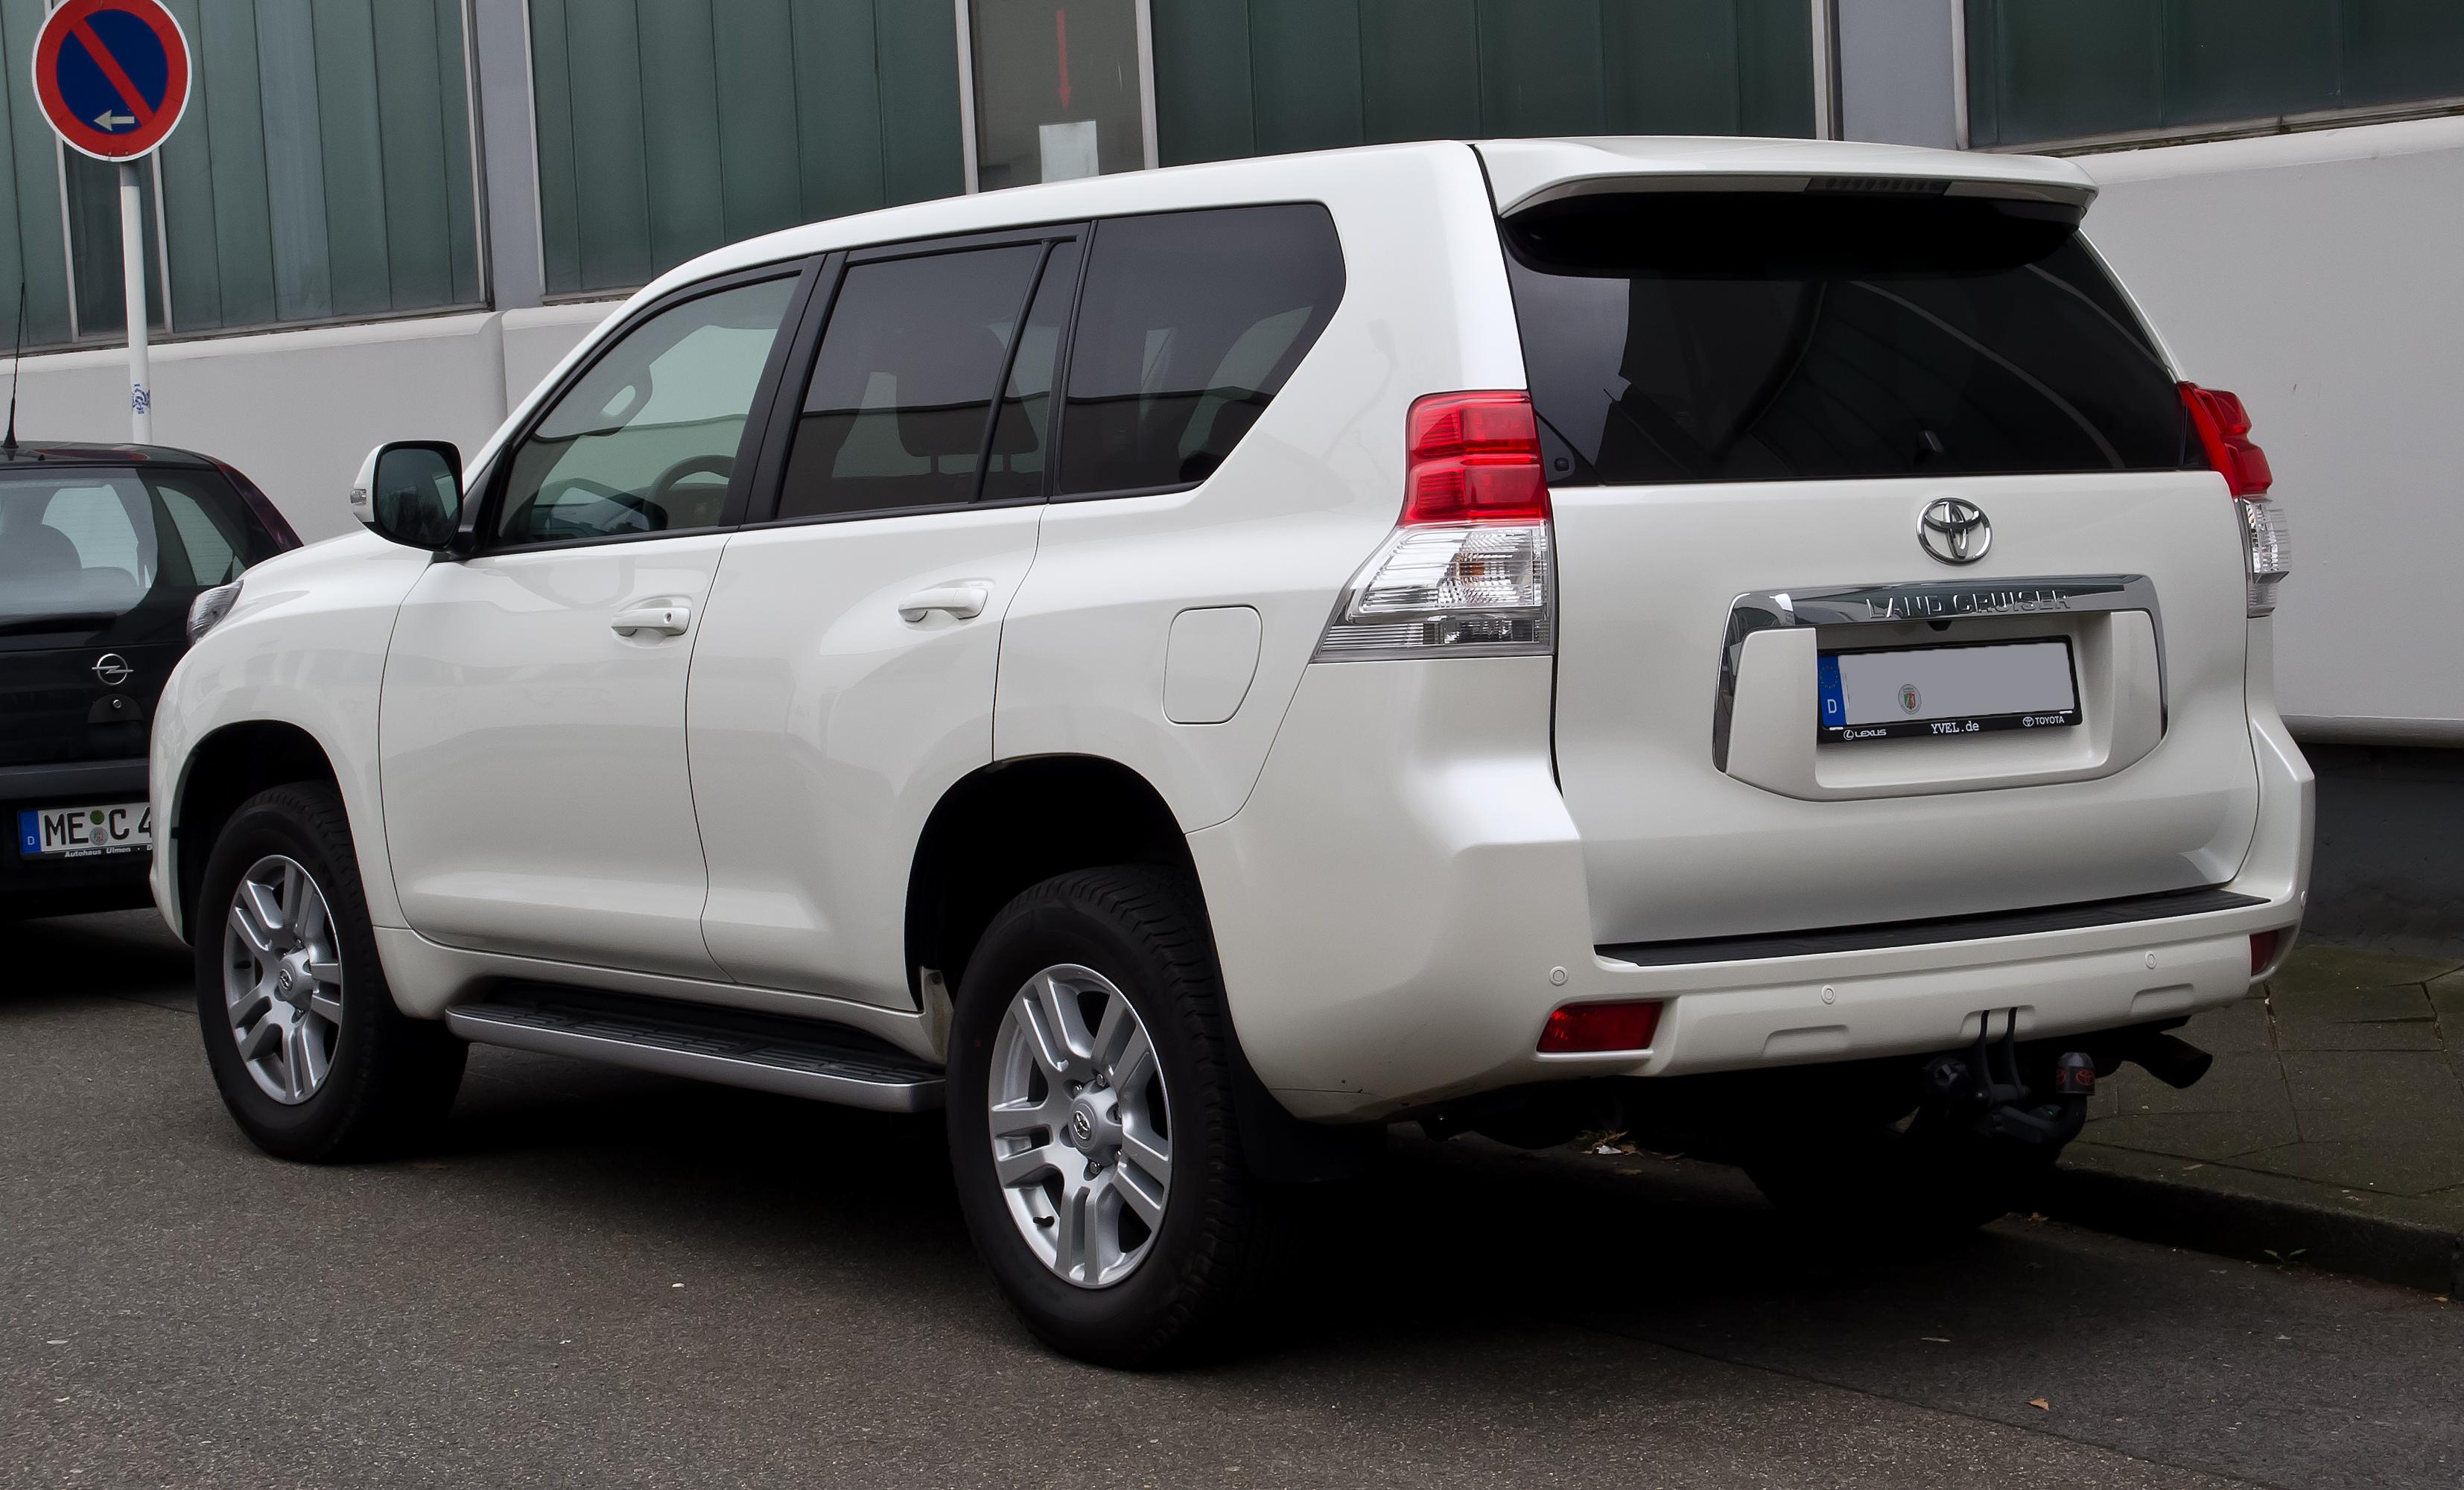 Toyota Land Cruiser Wiki >> File:Toyota Land Cruiser 3.0 D-4D Life (J15) – Heckansicht, 17. März 2012, Ratingen.jpg ...